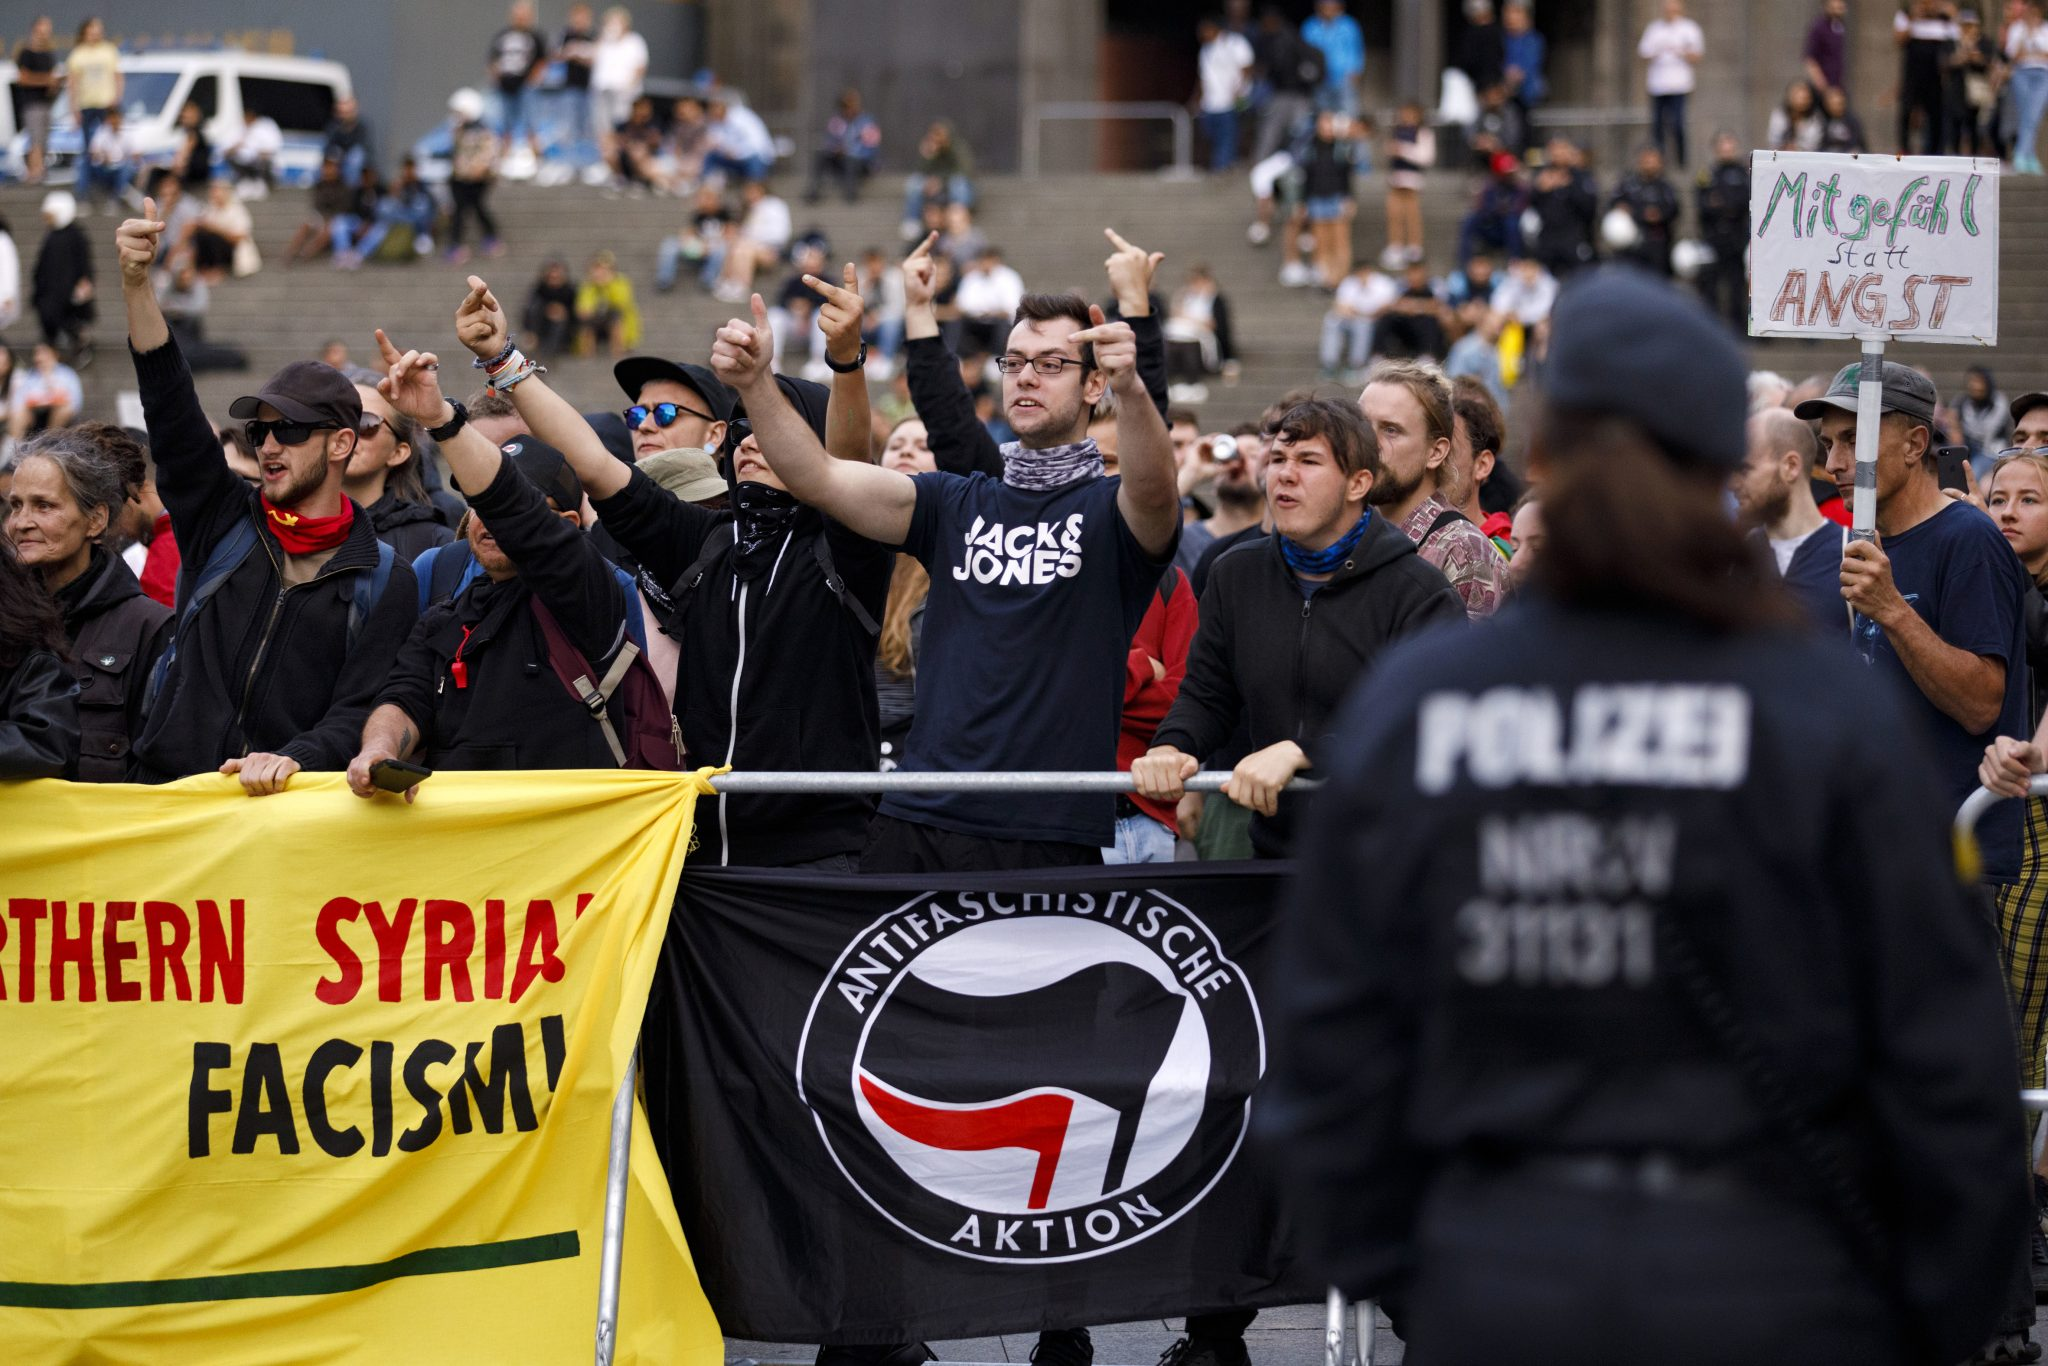 """Linksextreme mobilisieren auf dem Szeneportal """"Indymedia"""" gegen den Bundesparteitag der AfD (Archivbild) Foto: picture alliance/Geisler-Fotopress"""